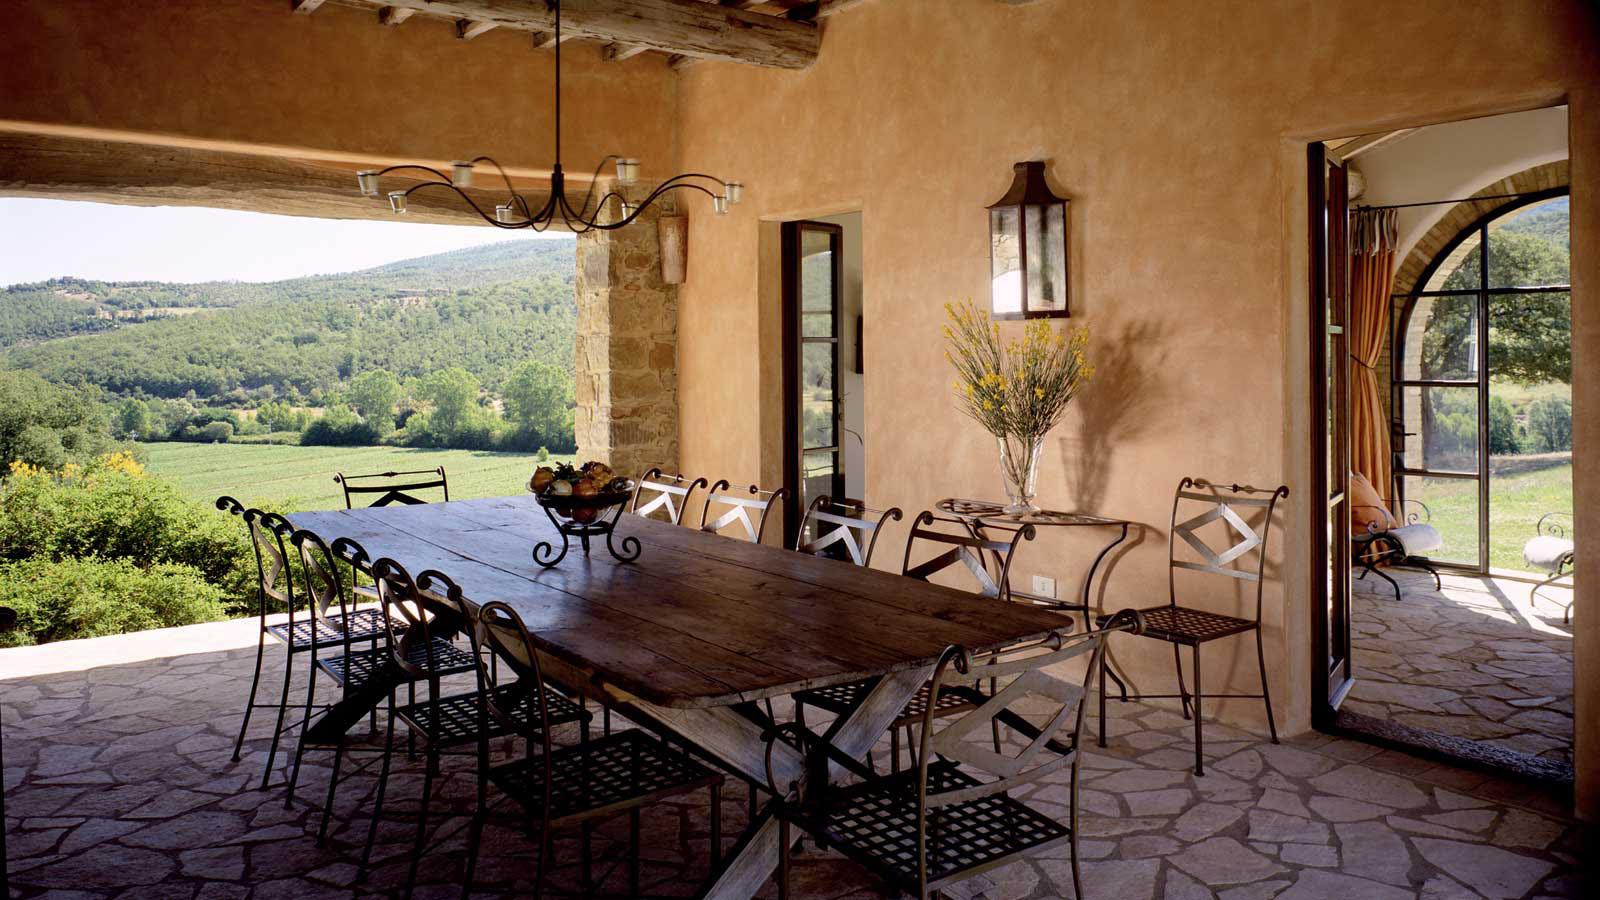 prefab commercial kitchen led tape brusceto-castello-di-reschio